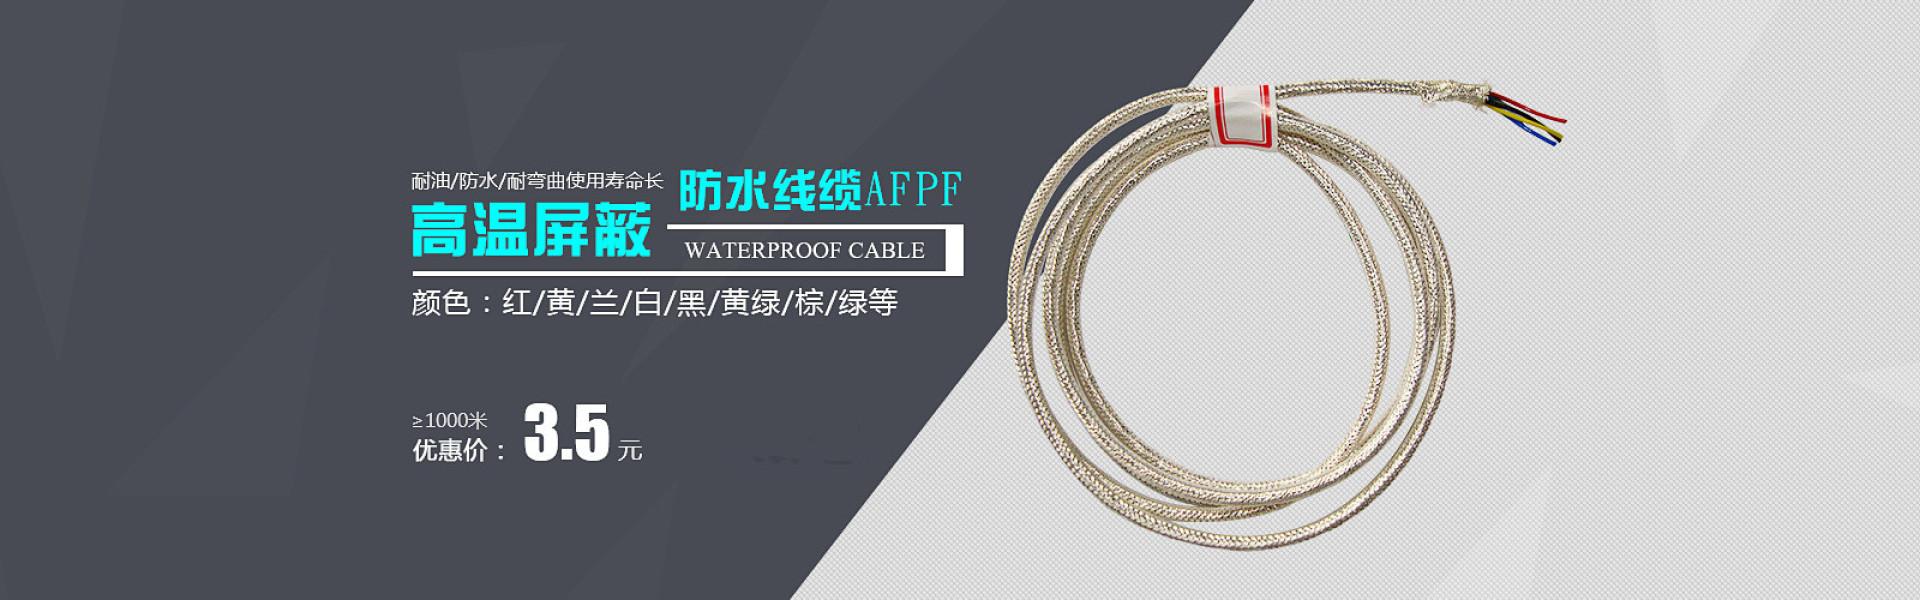 铁氟龙电线,铁氟龙电线设备,铁氟龙高温线,东莞市依顿电子科技有限公司